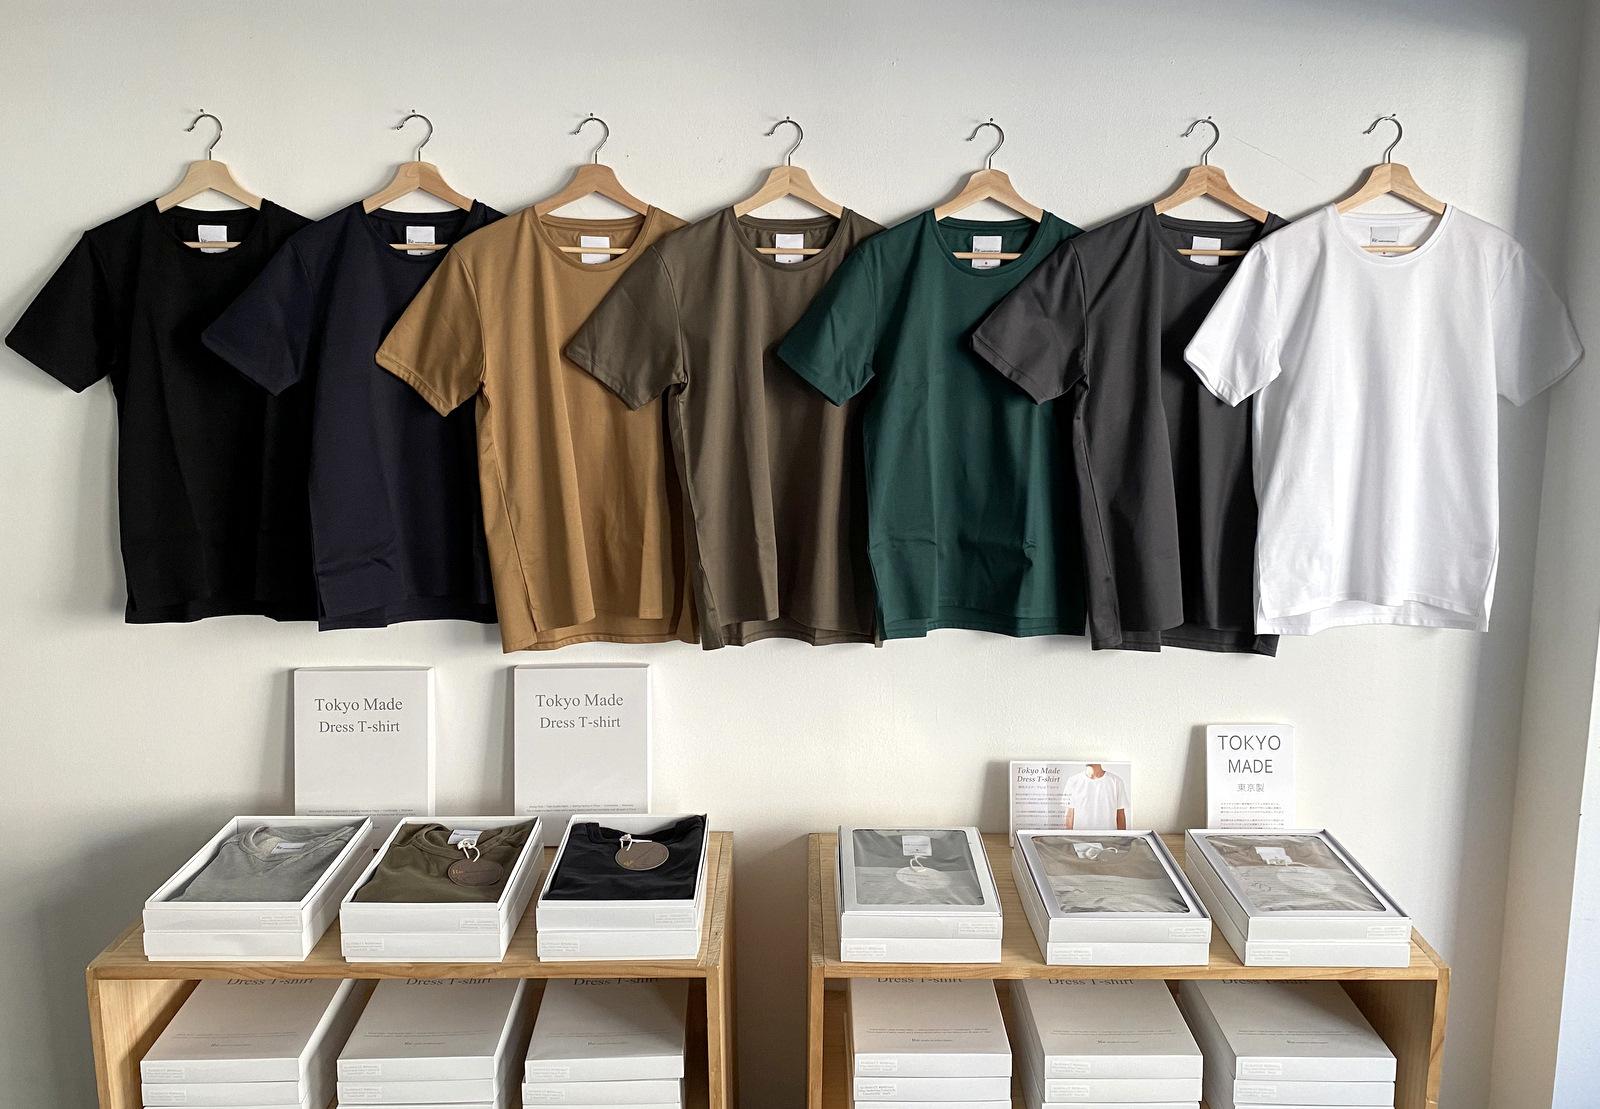 Tokyo Made Dress T-shirt_c0379477_14041729.jpg